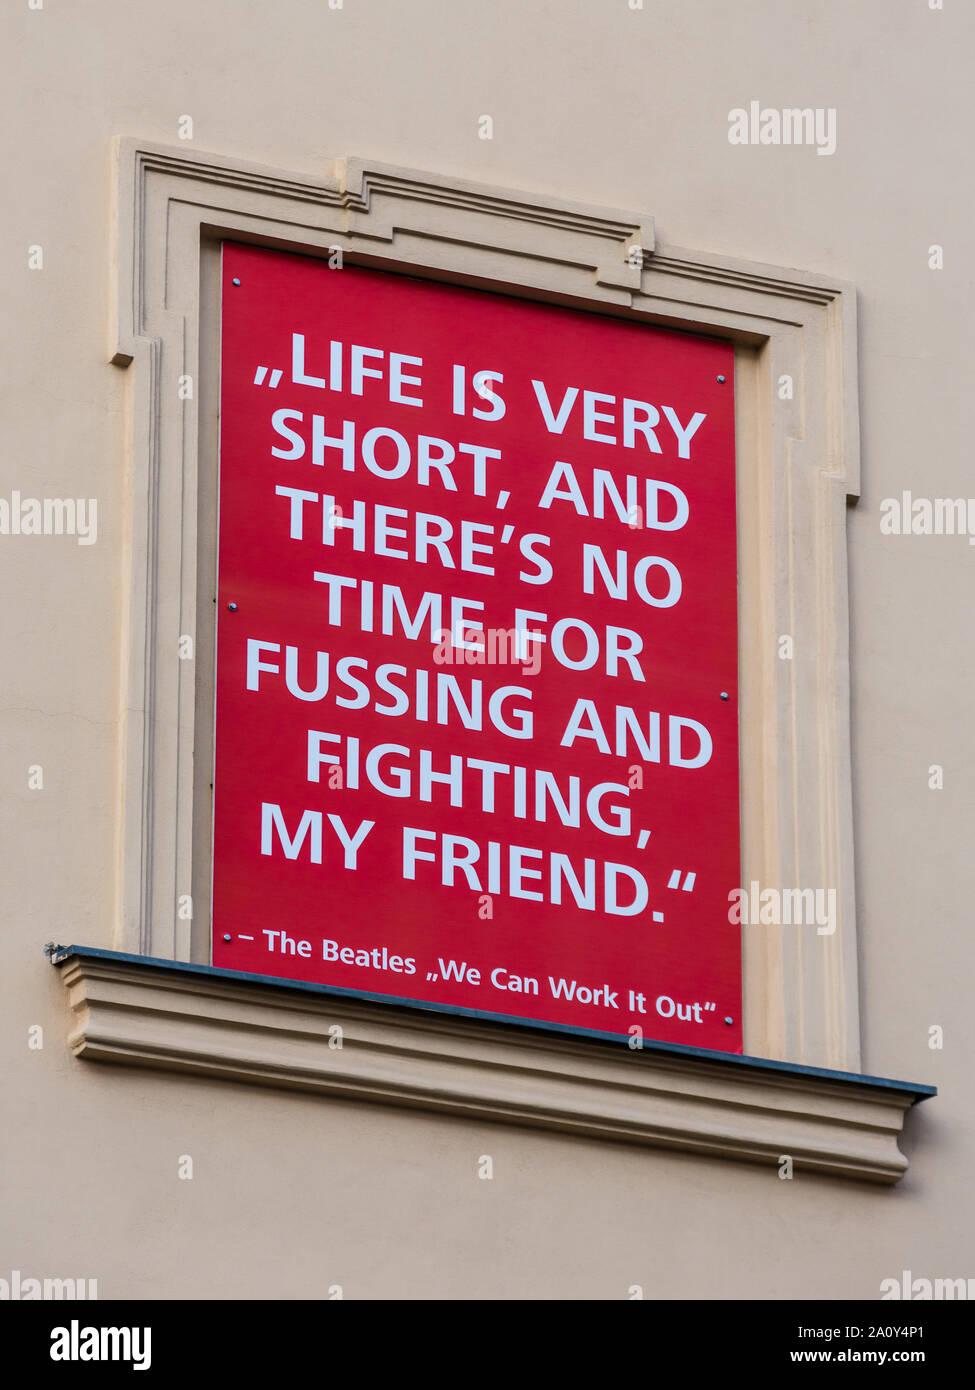 Beatles Das Leben ist sehr kurz...' Song lyrics Auf dem Display Board im Museumsquartier Wien, Österreich. Stockfoto